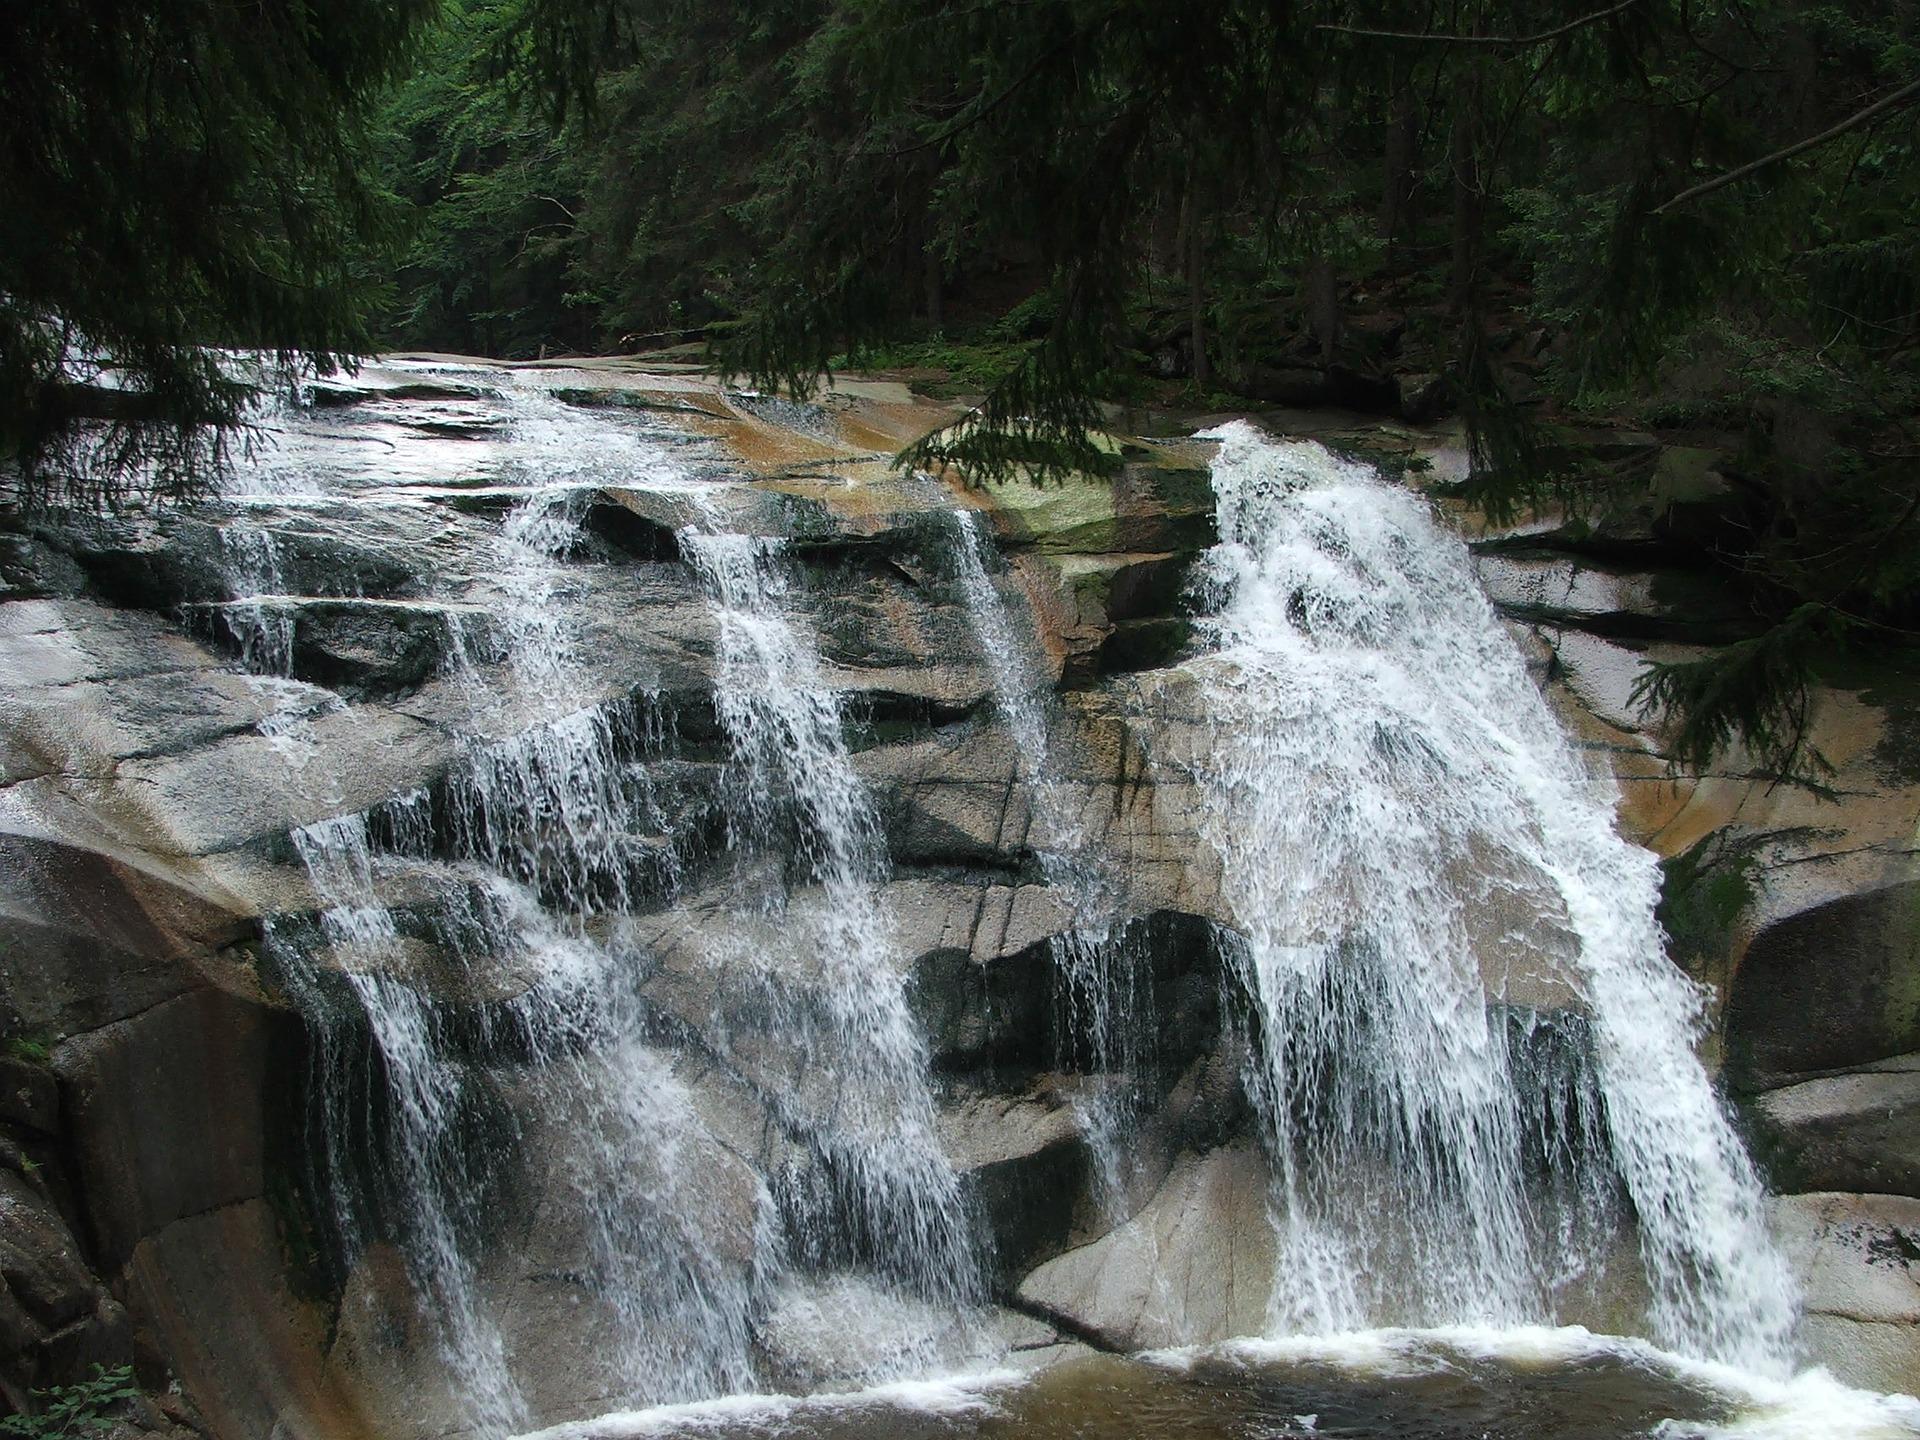 Harrachov Wasserfall Mumlava in Tschechien - wandern Sieim Wald zu den berühmen Wasserfall